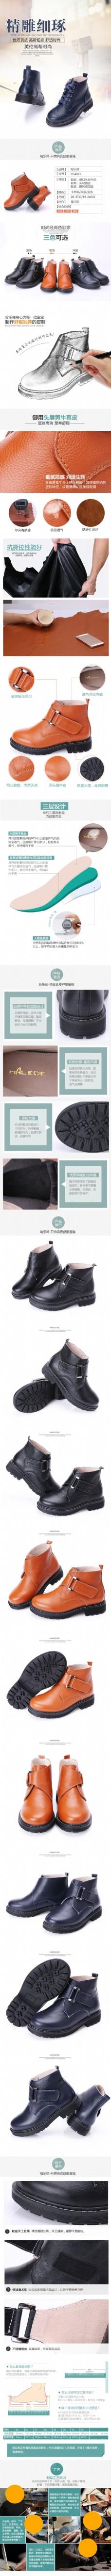 童鞋 详情页 皮鞋 鞋子